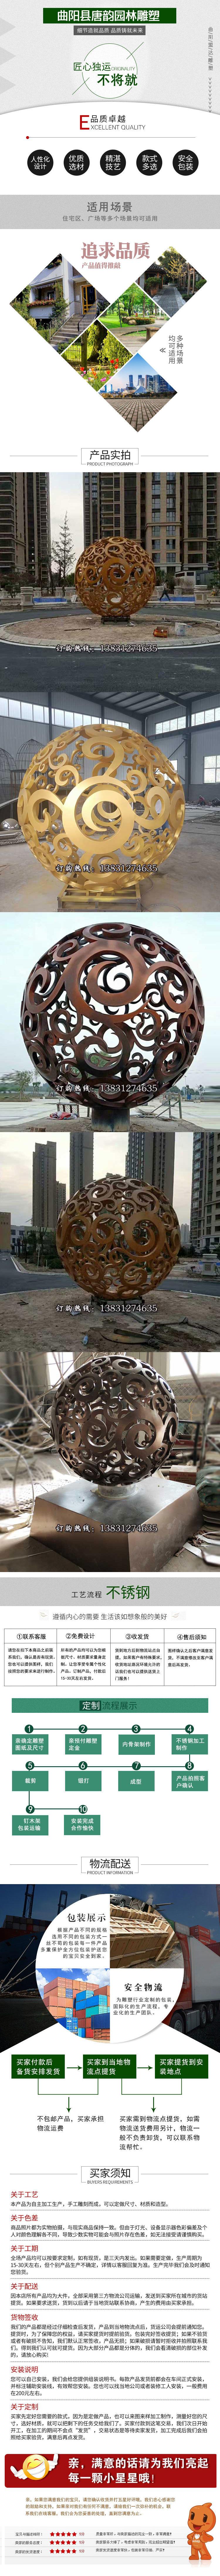 城市雕塑 不锈钢镂空球 专业生产不锈钢镂空球雕塑示例图2